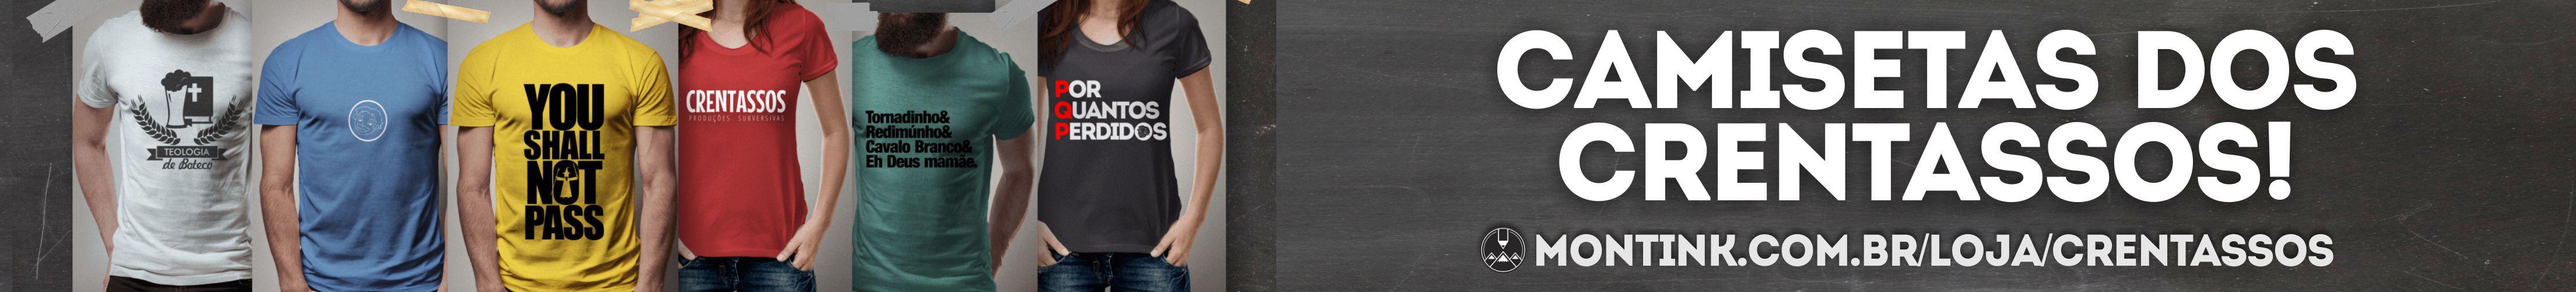 Vitirne Post Camisetas Crentassos